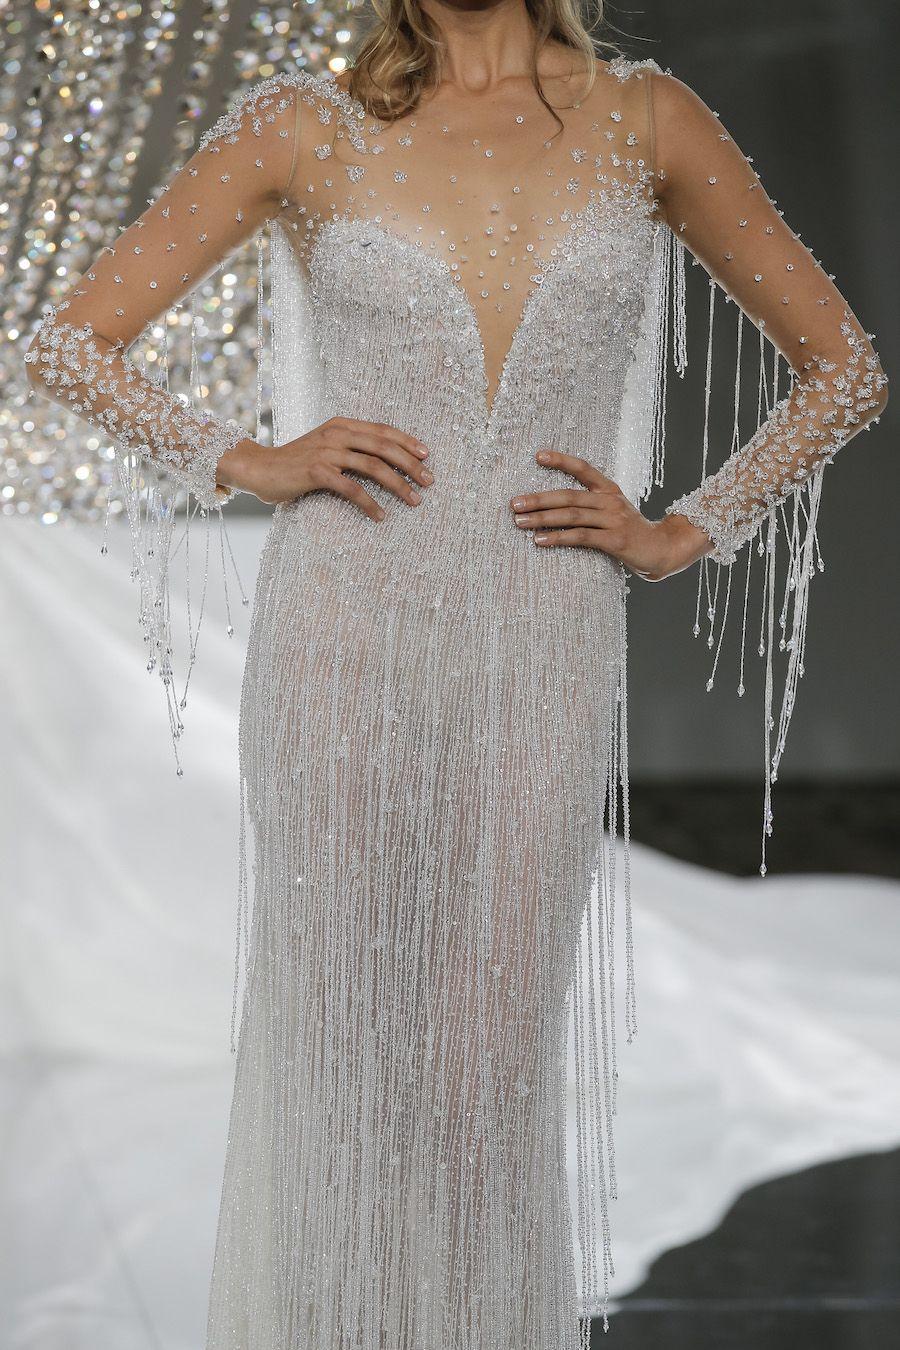 La collezione atelier pronovias alla new york bridal week